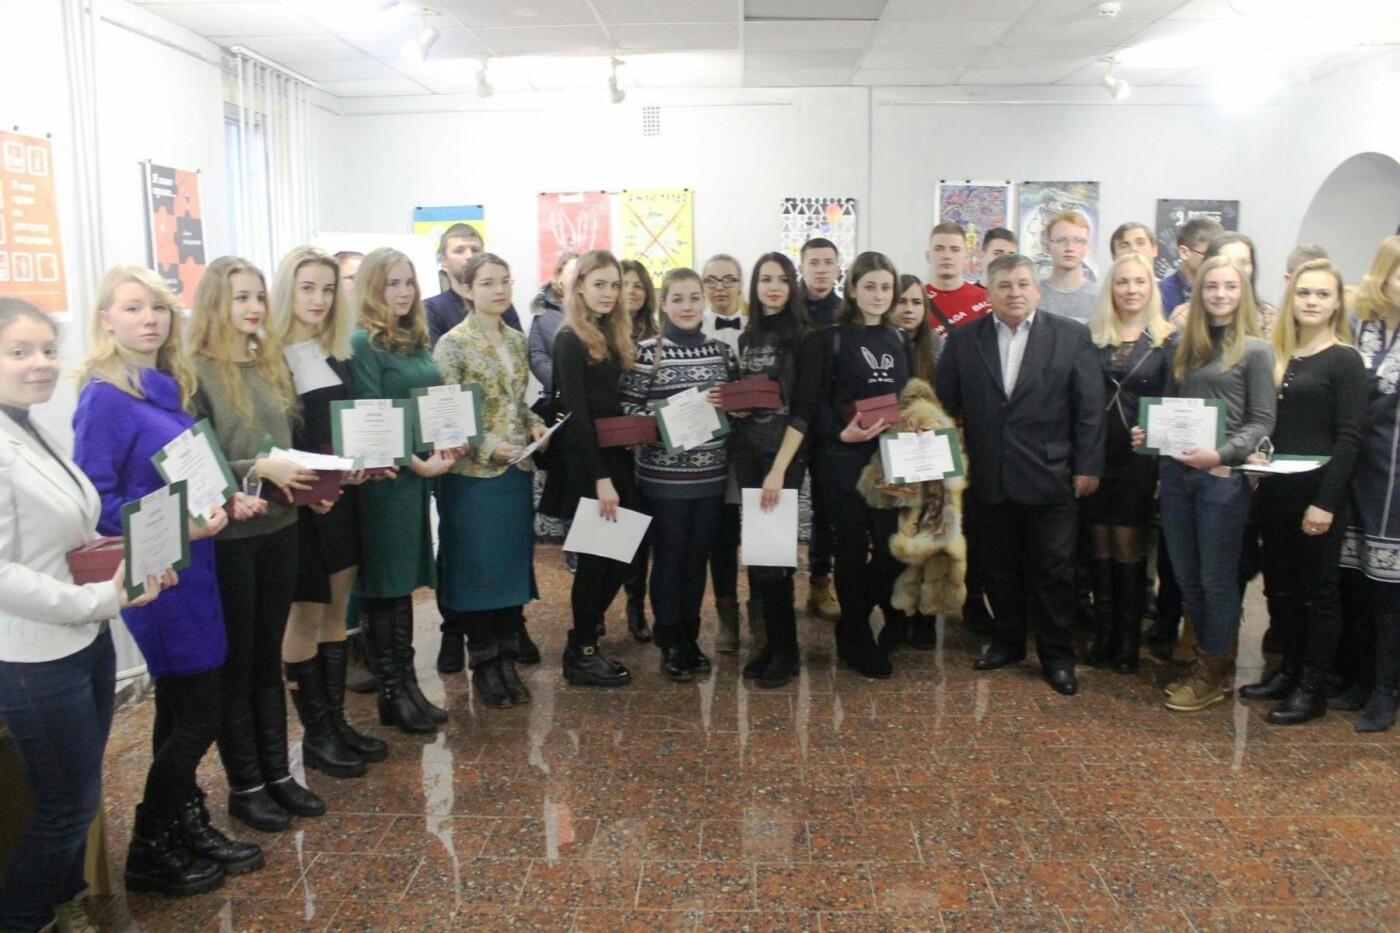 В Кривом Роге подвели итоги конкурса социальных плакатов и наградили победителей (ФОТО), фото-23